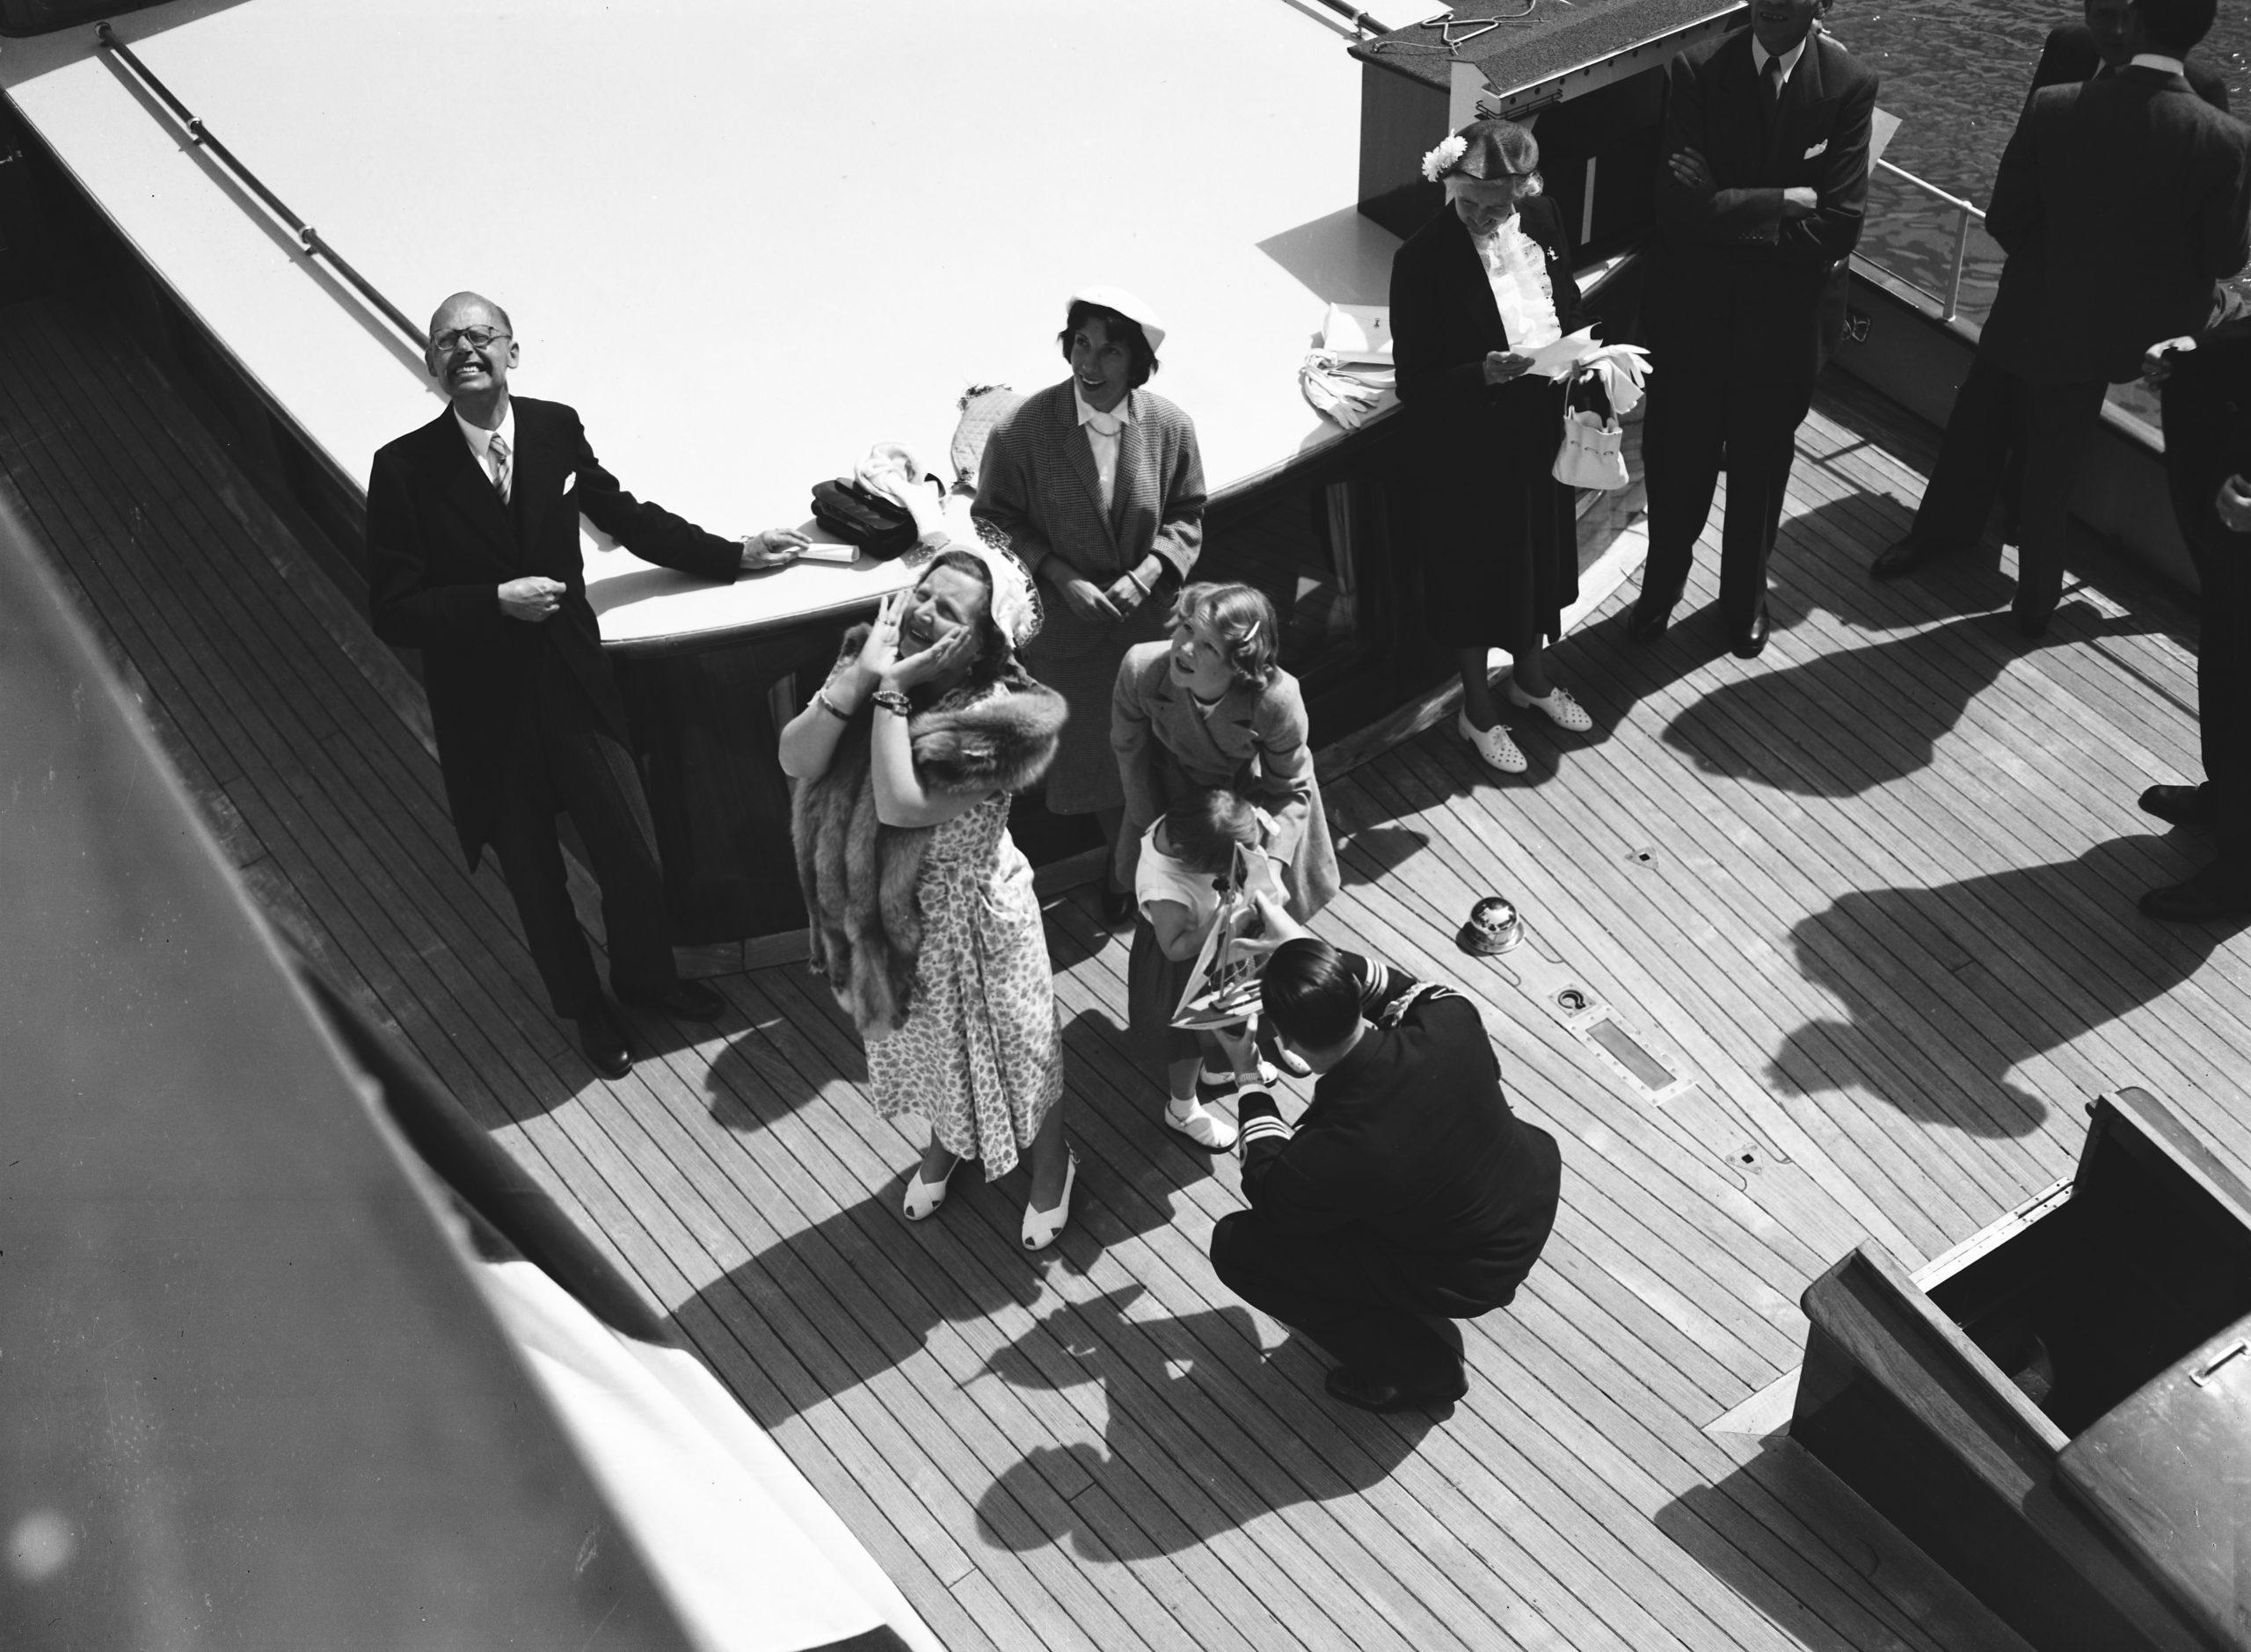 Koningin Juliana aan boord van een schip, met onder andere haar dochters Beatrix en Marijke, tijdens de opening van het Amsterdam-Rijnkanaal in 1952 (Foto ANP)